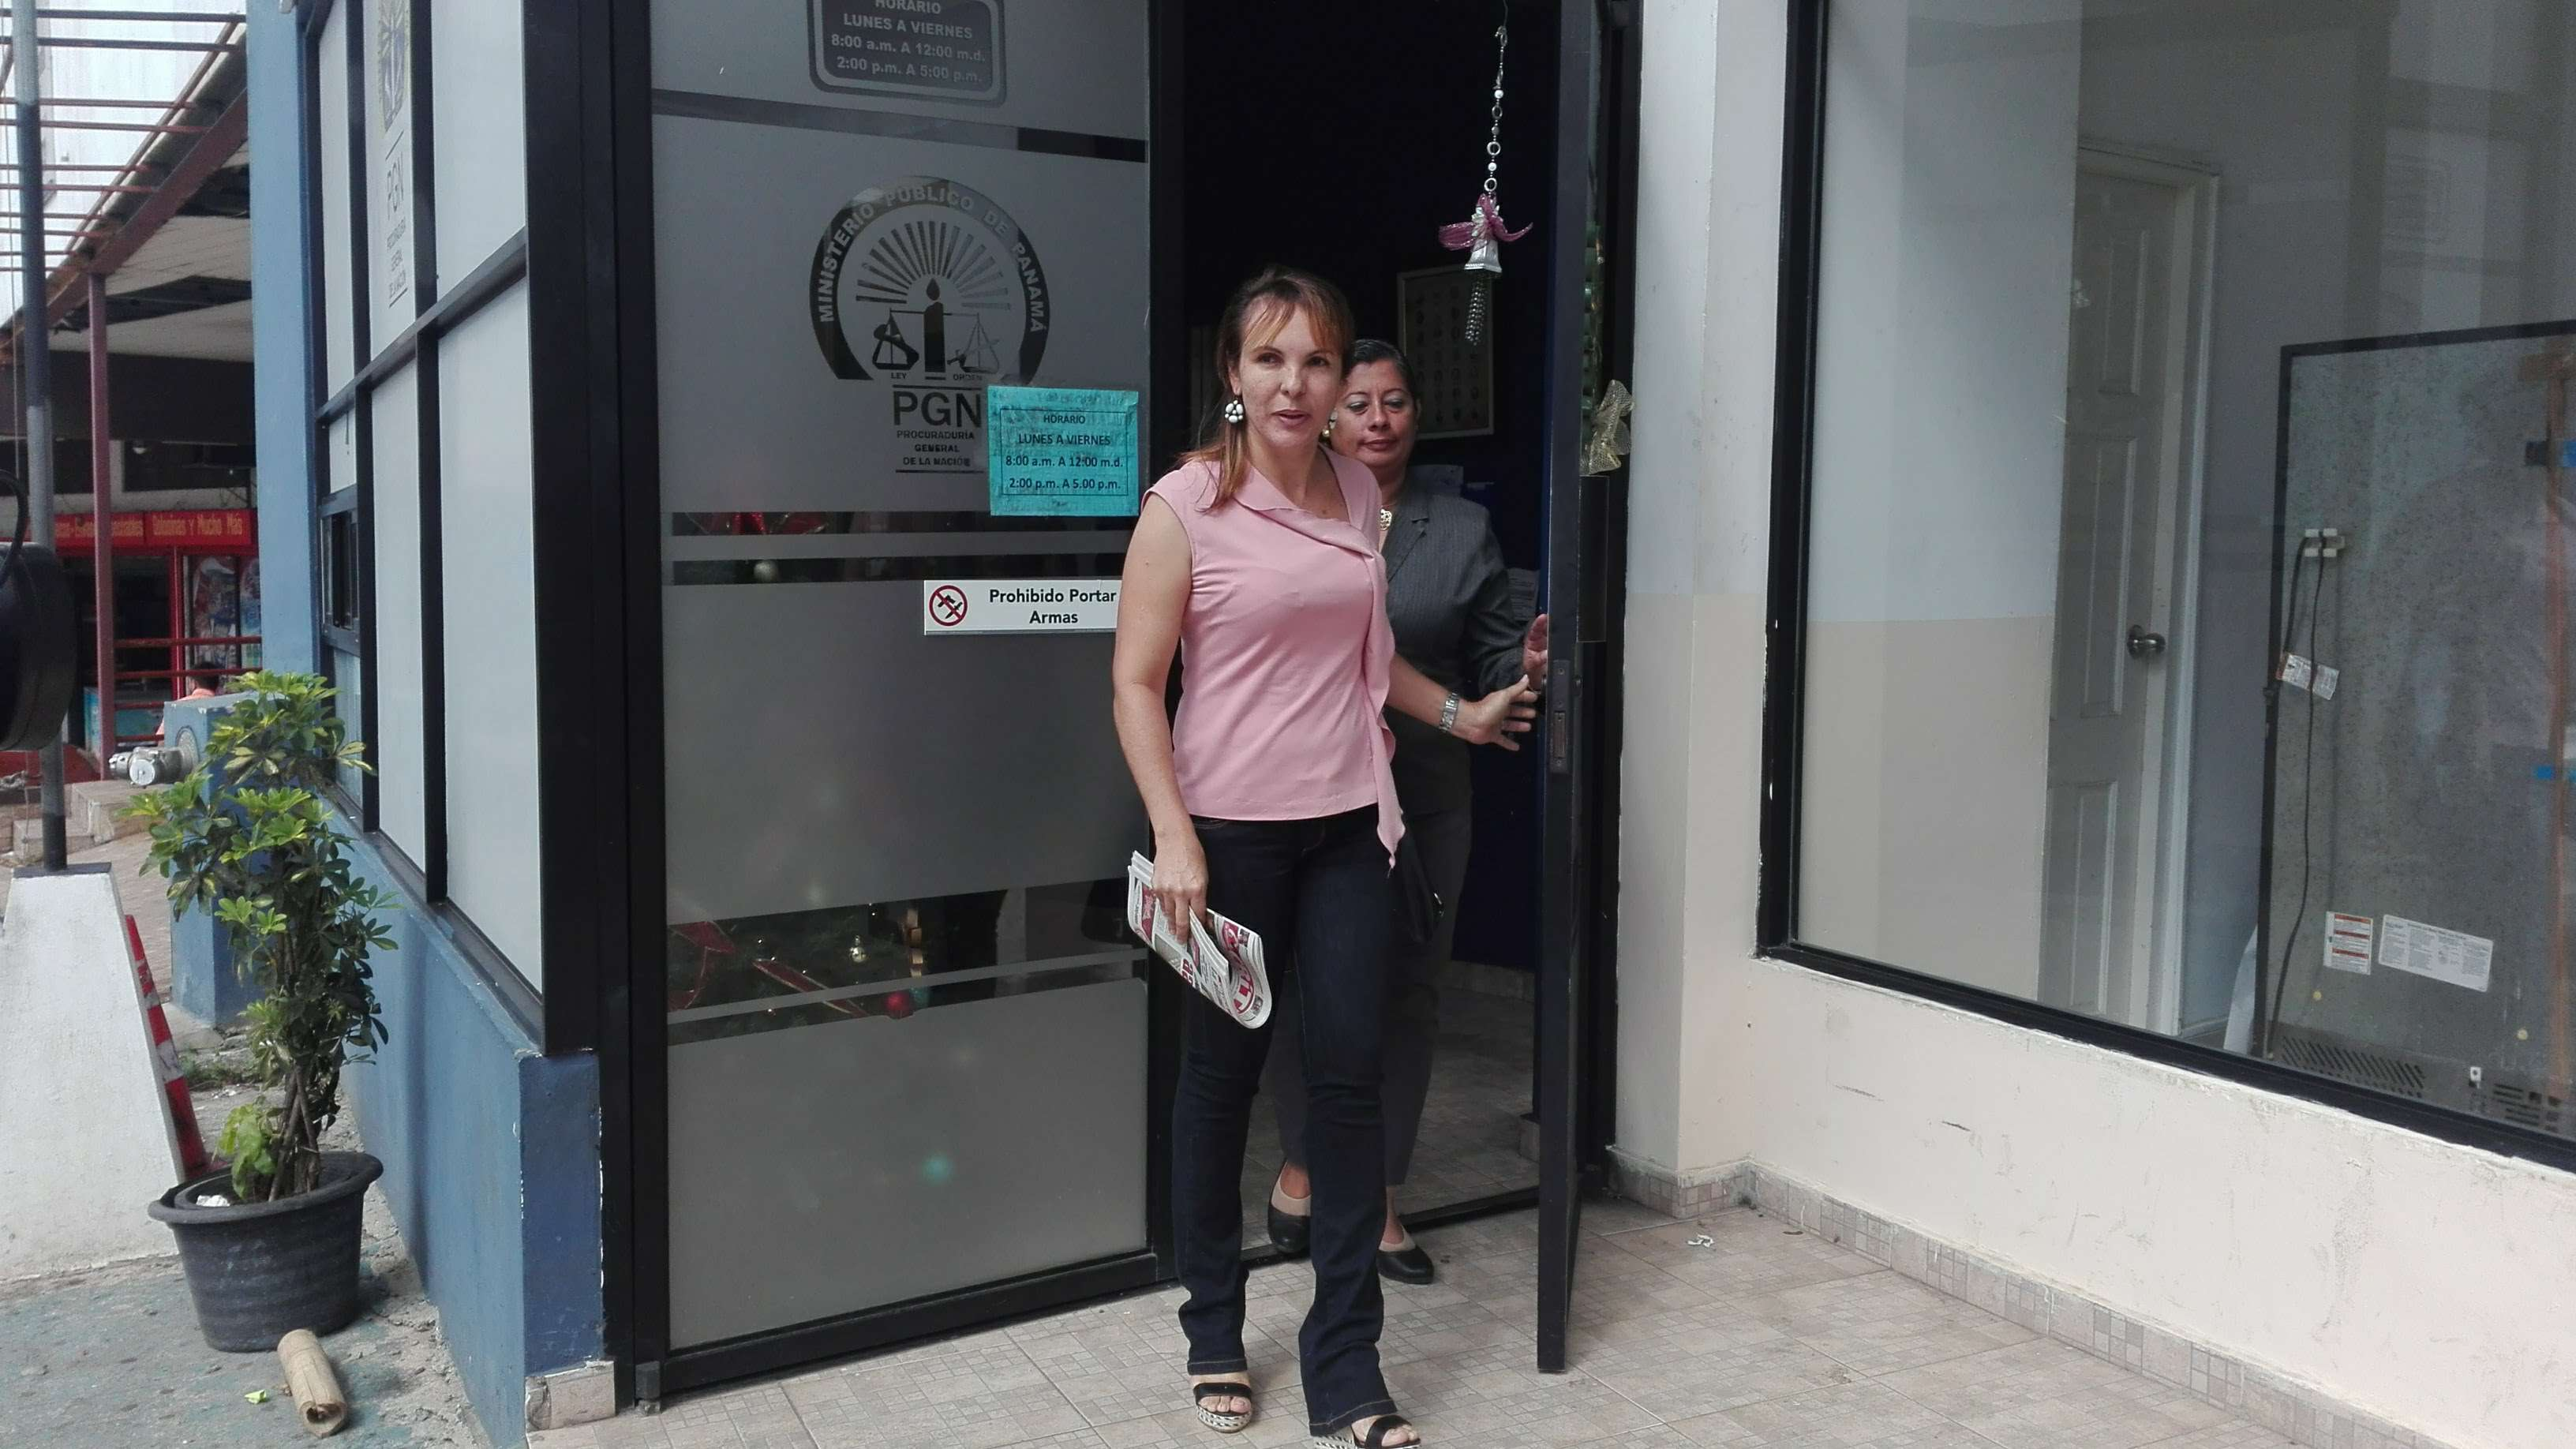 La abogada Sumaya Cedeño (blusa rosada) acompañada de otra integrante de la asociación, presentan la denuncia por maltrato animal. / Foto: Eric Montenegro